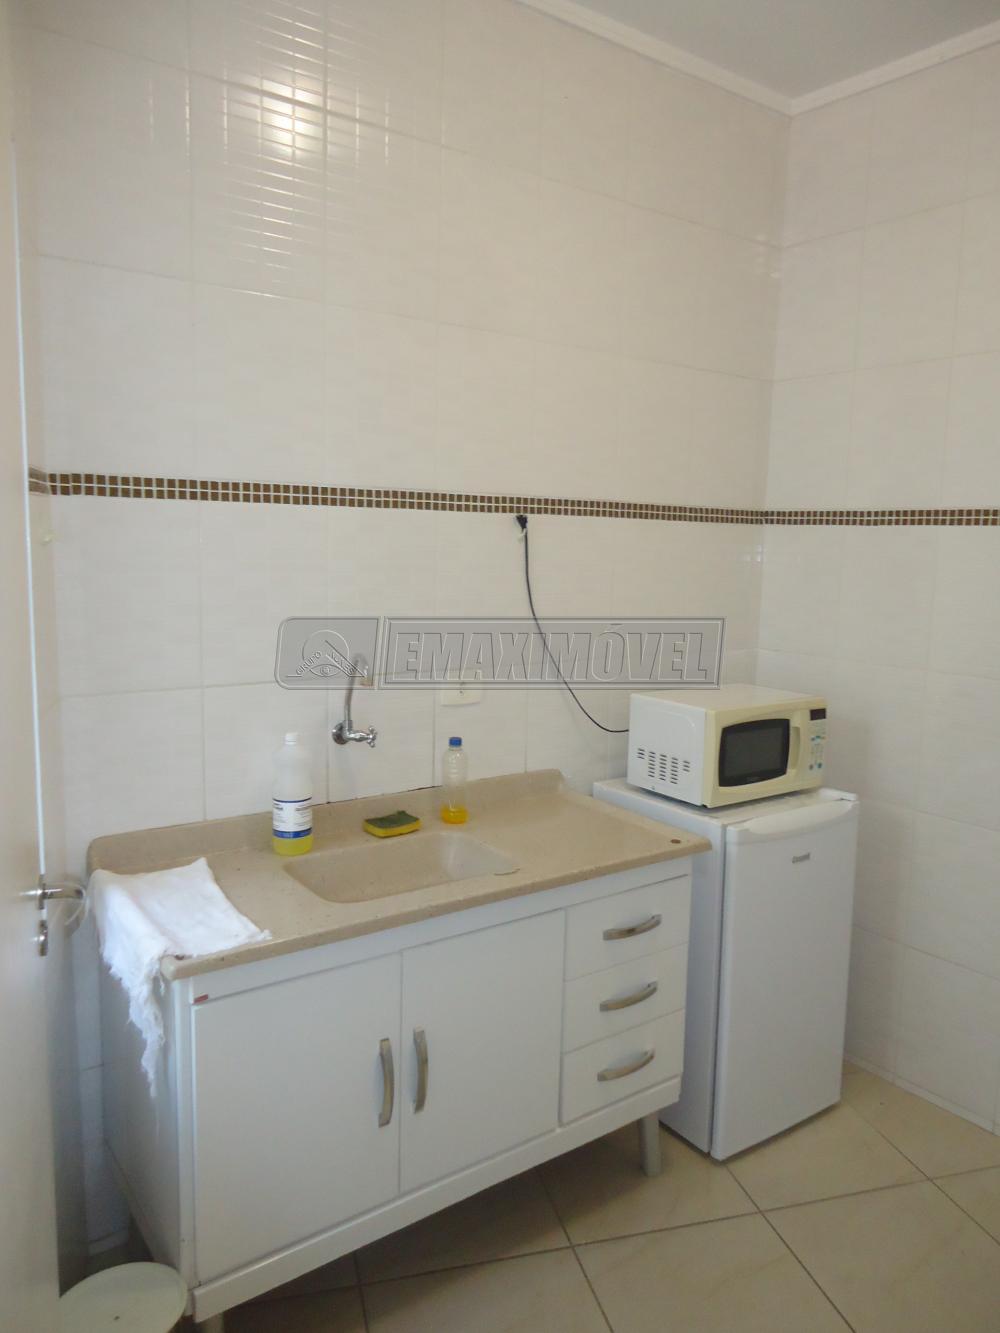 Alugar Casas / Comerciais em Sorocaba apenas R$ 4.000,00 - Foto 10